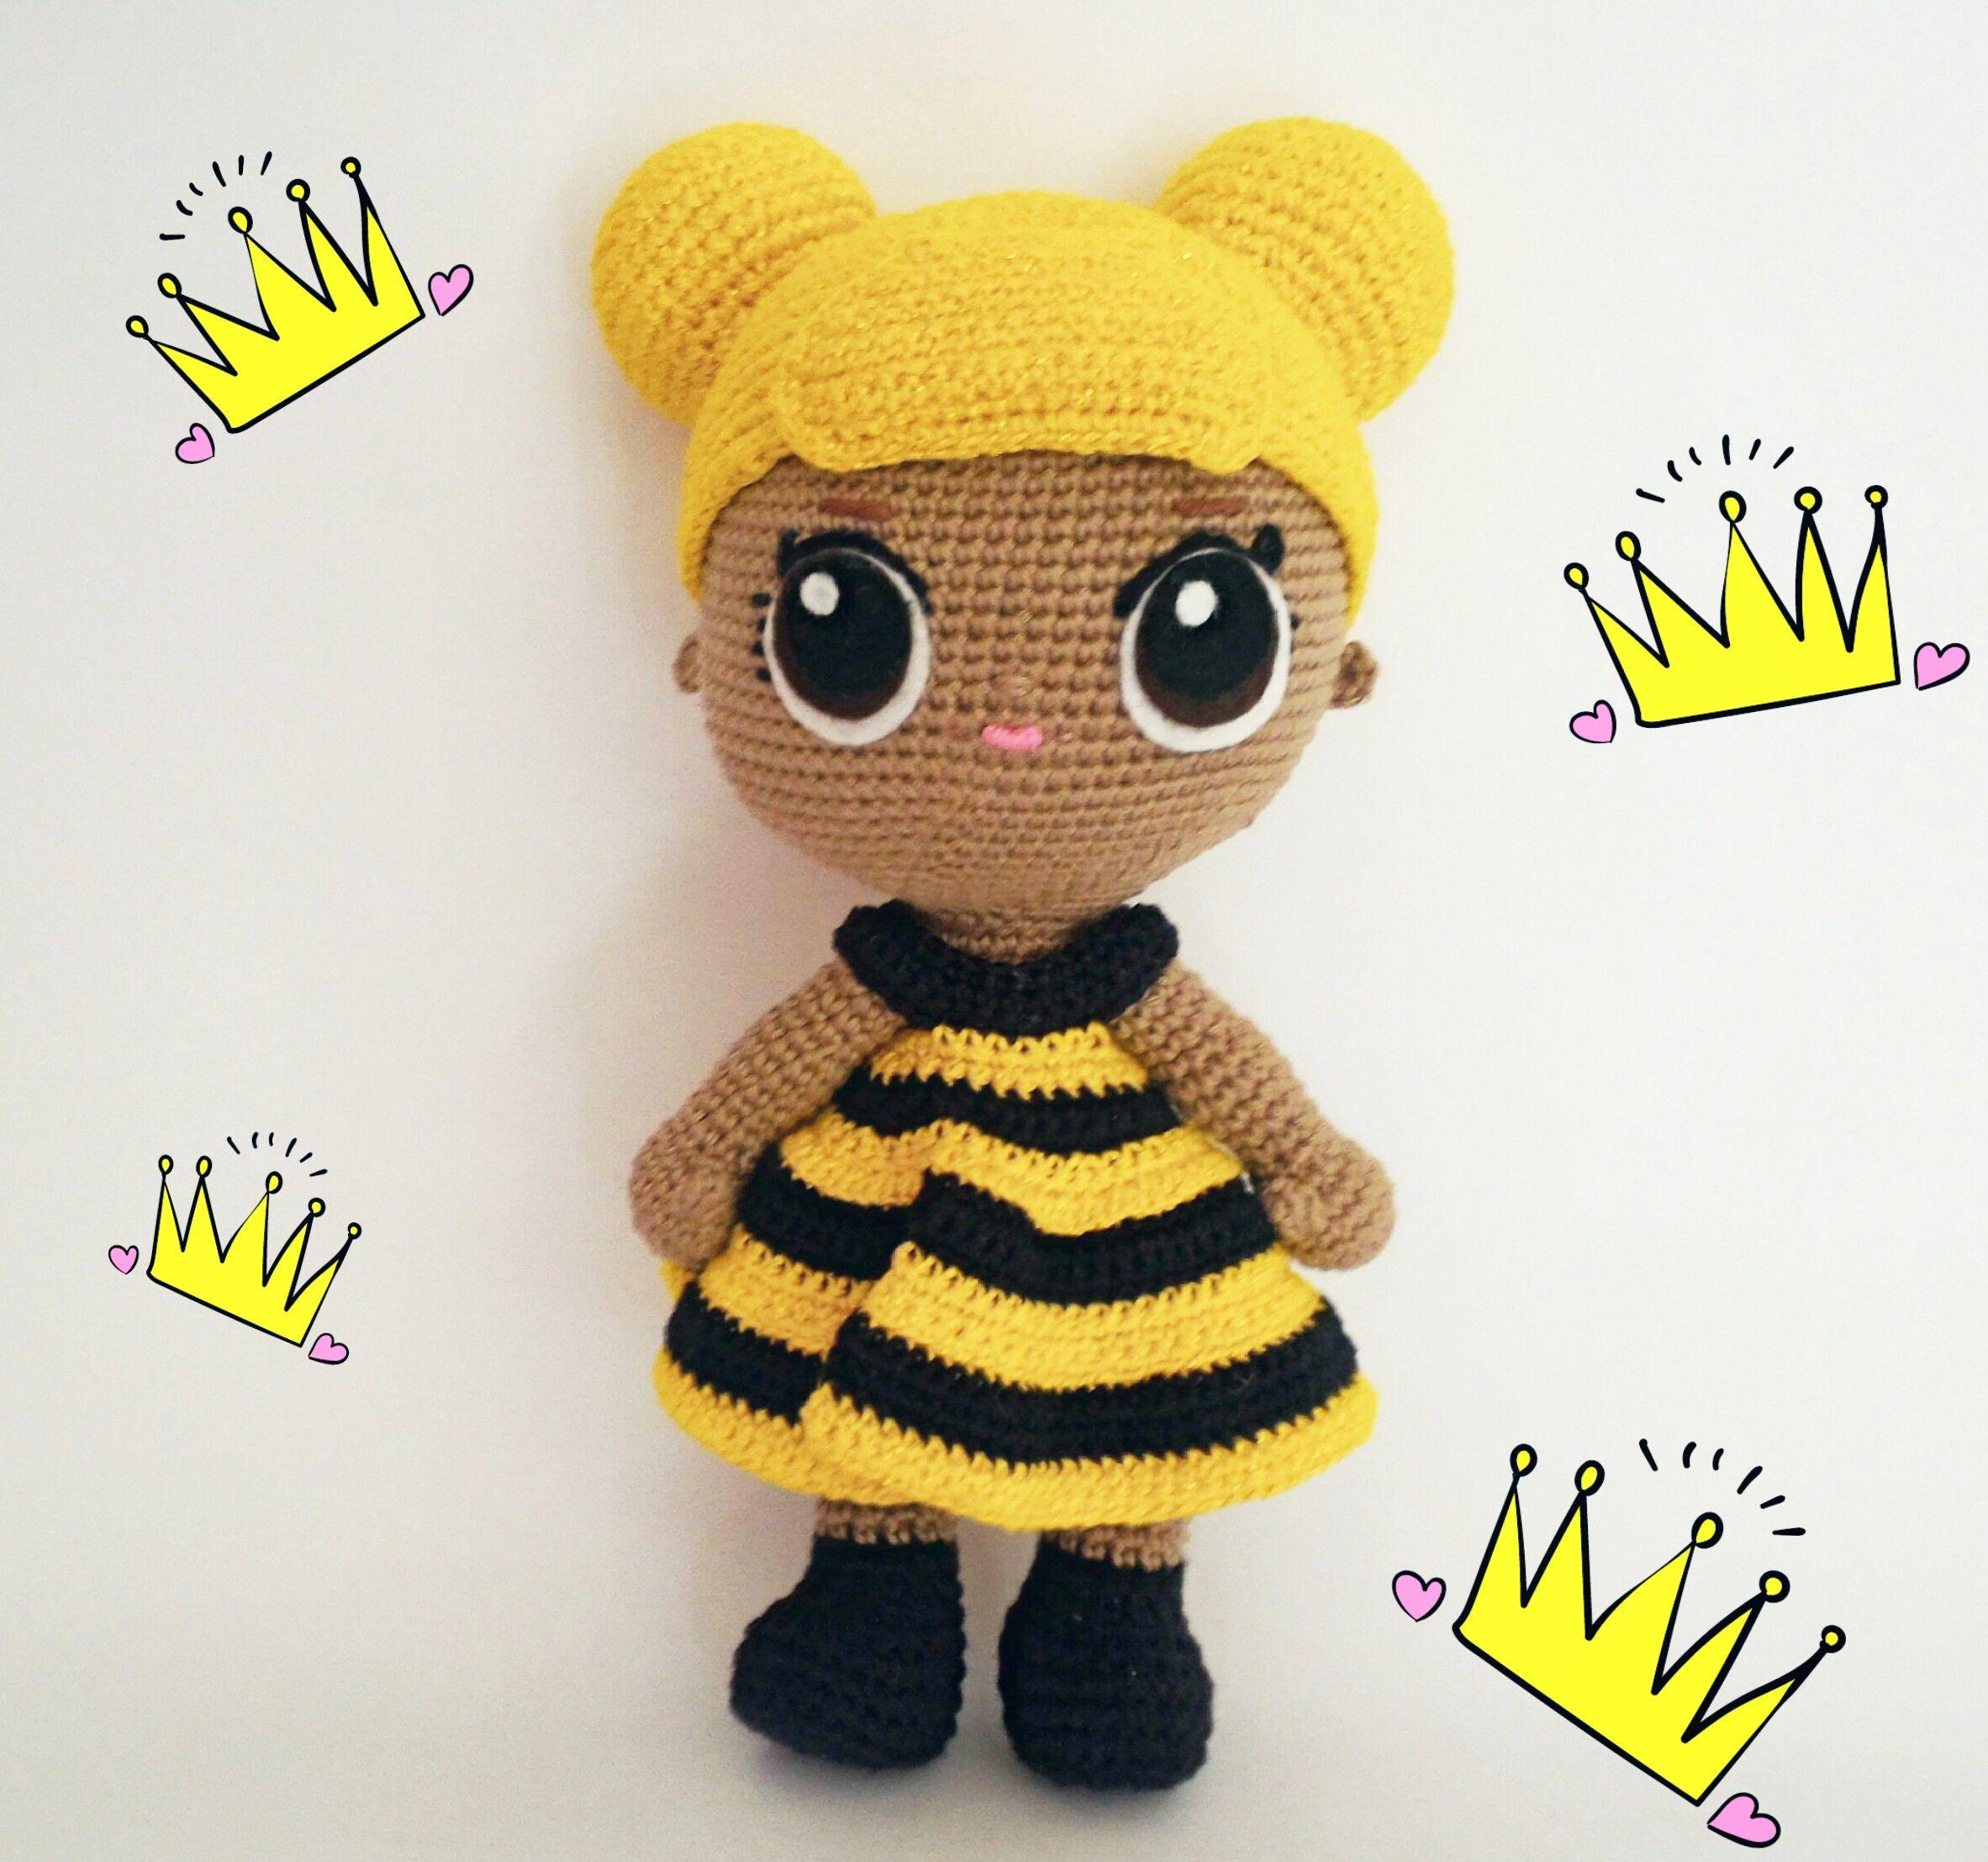 Lol Surprise Amigurumi Queen Bee Amigurumi Holiday Sp Char